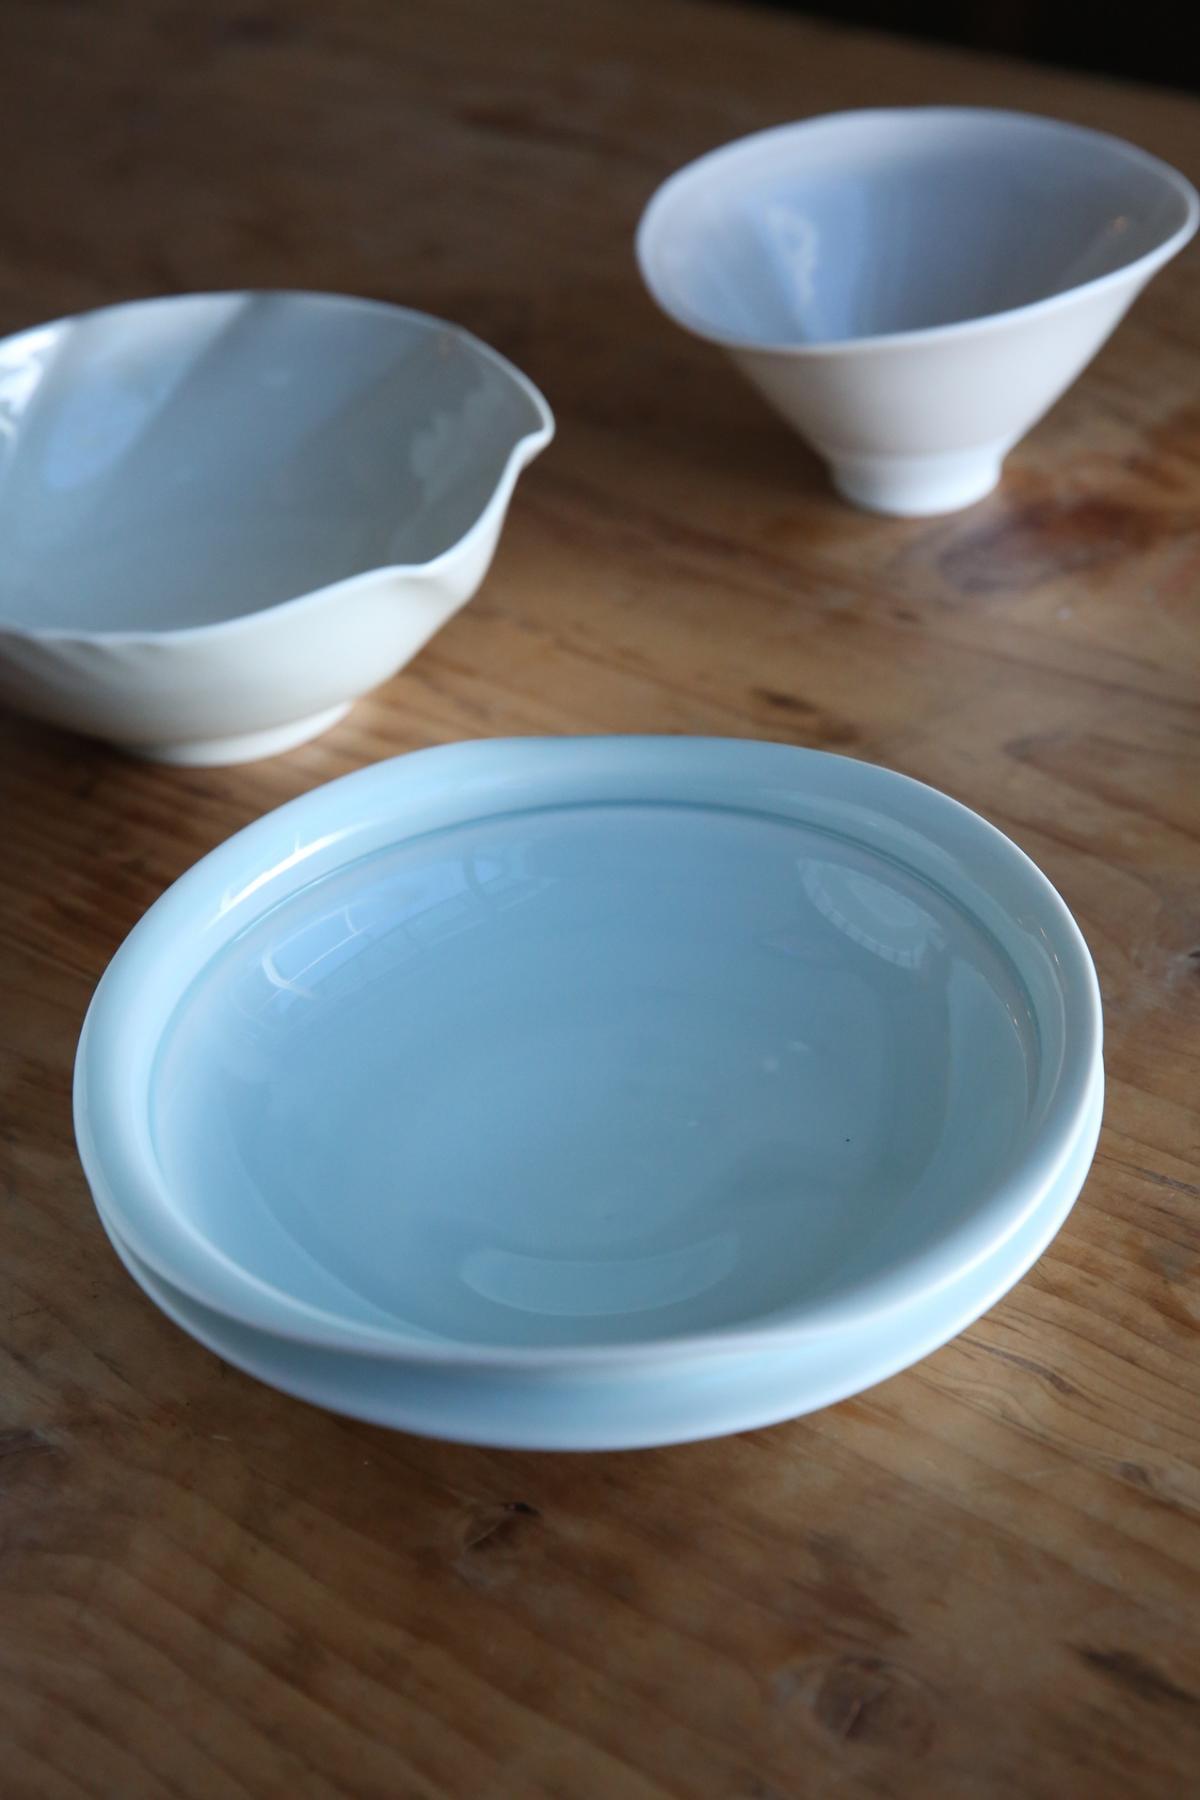 藤井憲之優雅的波浪狀瓷器,很適合盛放滷肉等醬汁濃烈的料理。